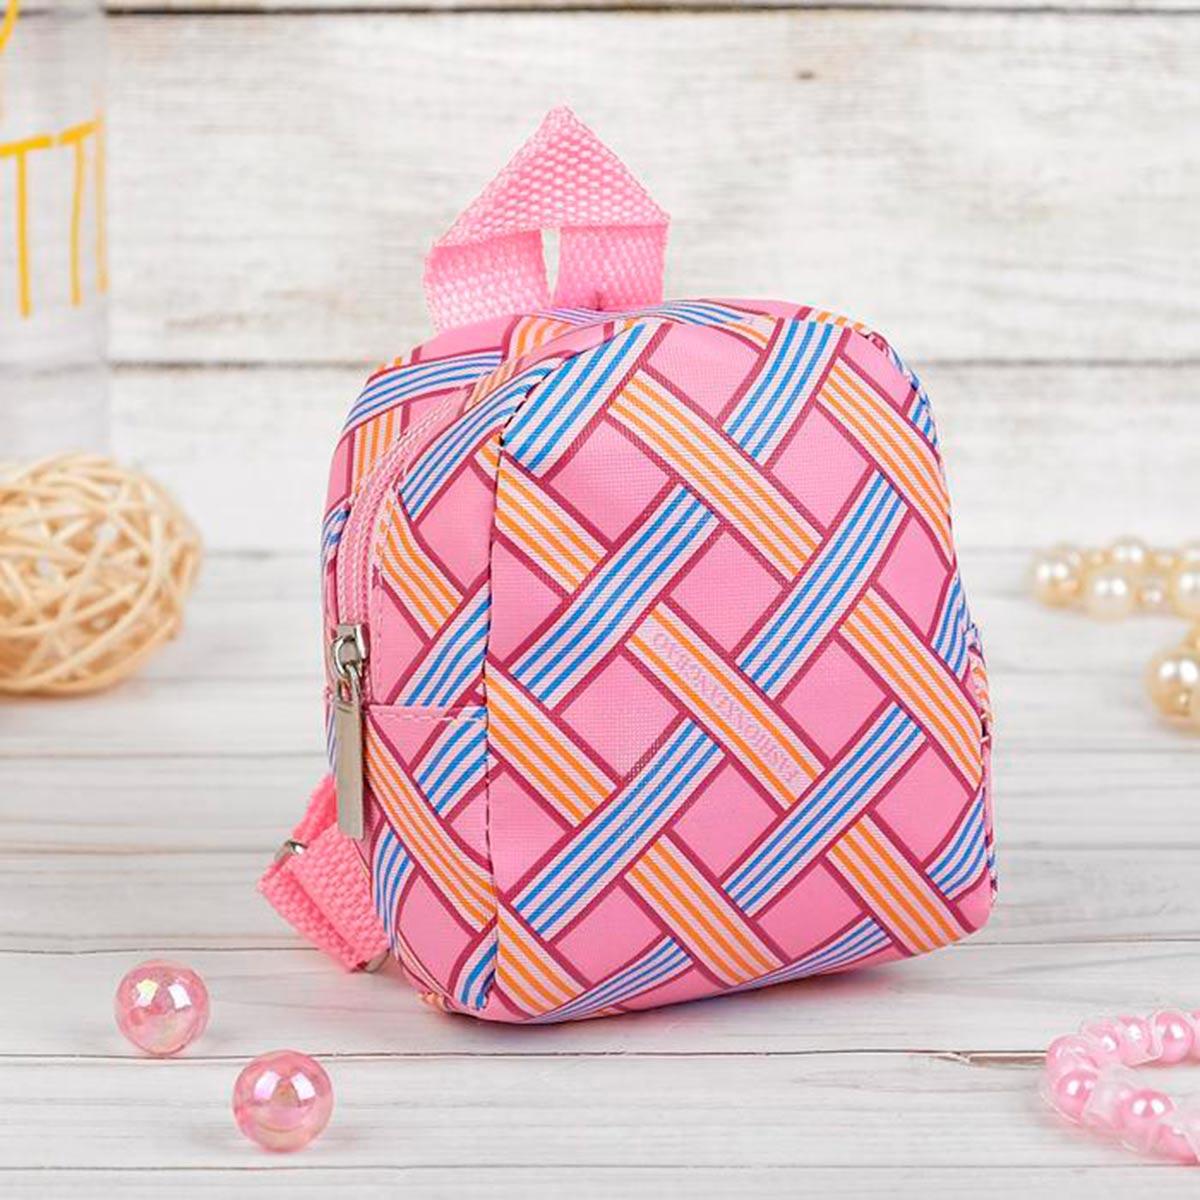 4259010 Рюкзак для куклы 'Орнамент', цвет розовый